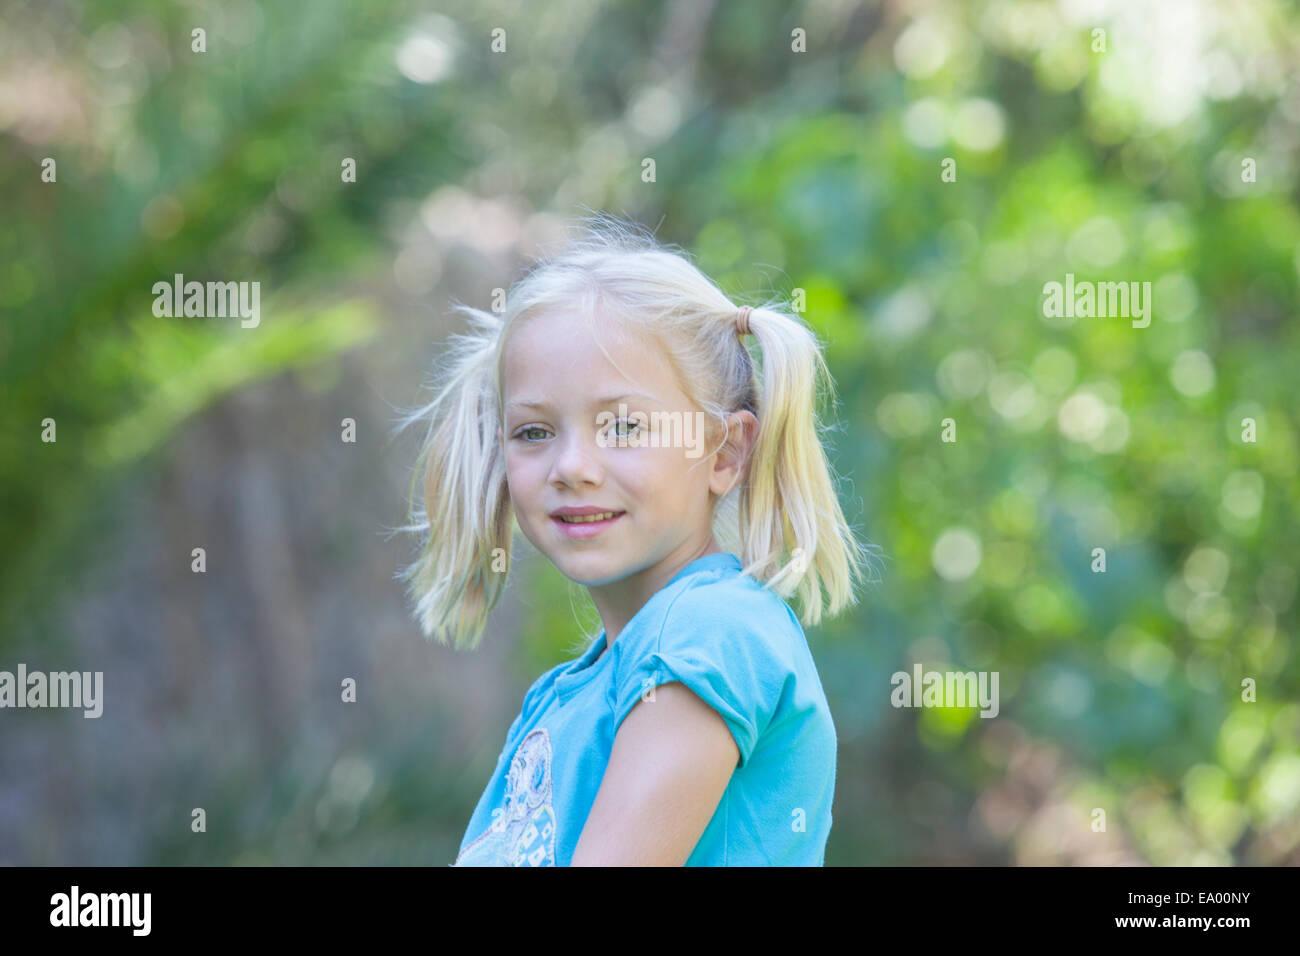 Porträt von Mädchen im Garten wegschauen Stockbild